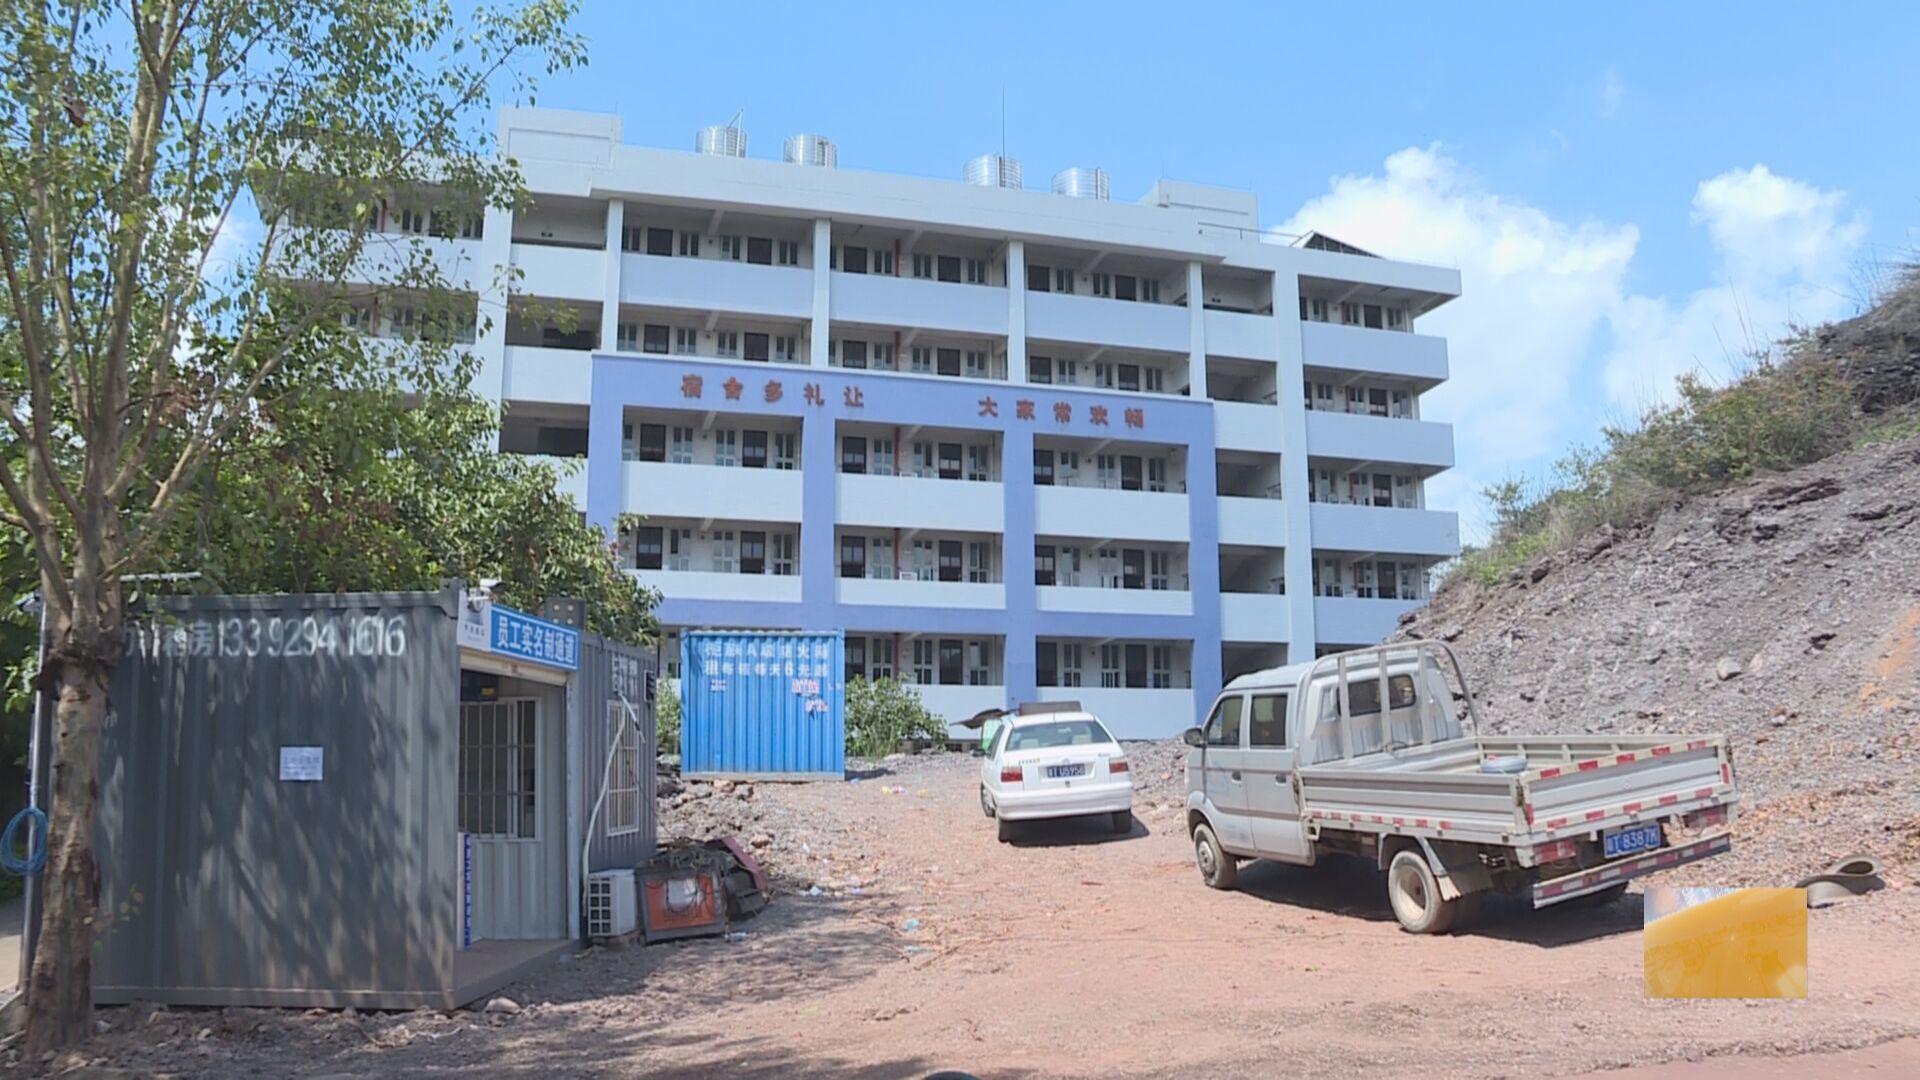 中山市第二中学扩建进行中 新建面积过万平方米